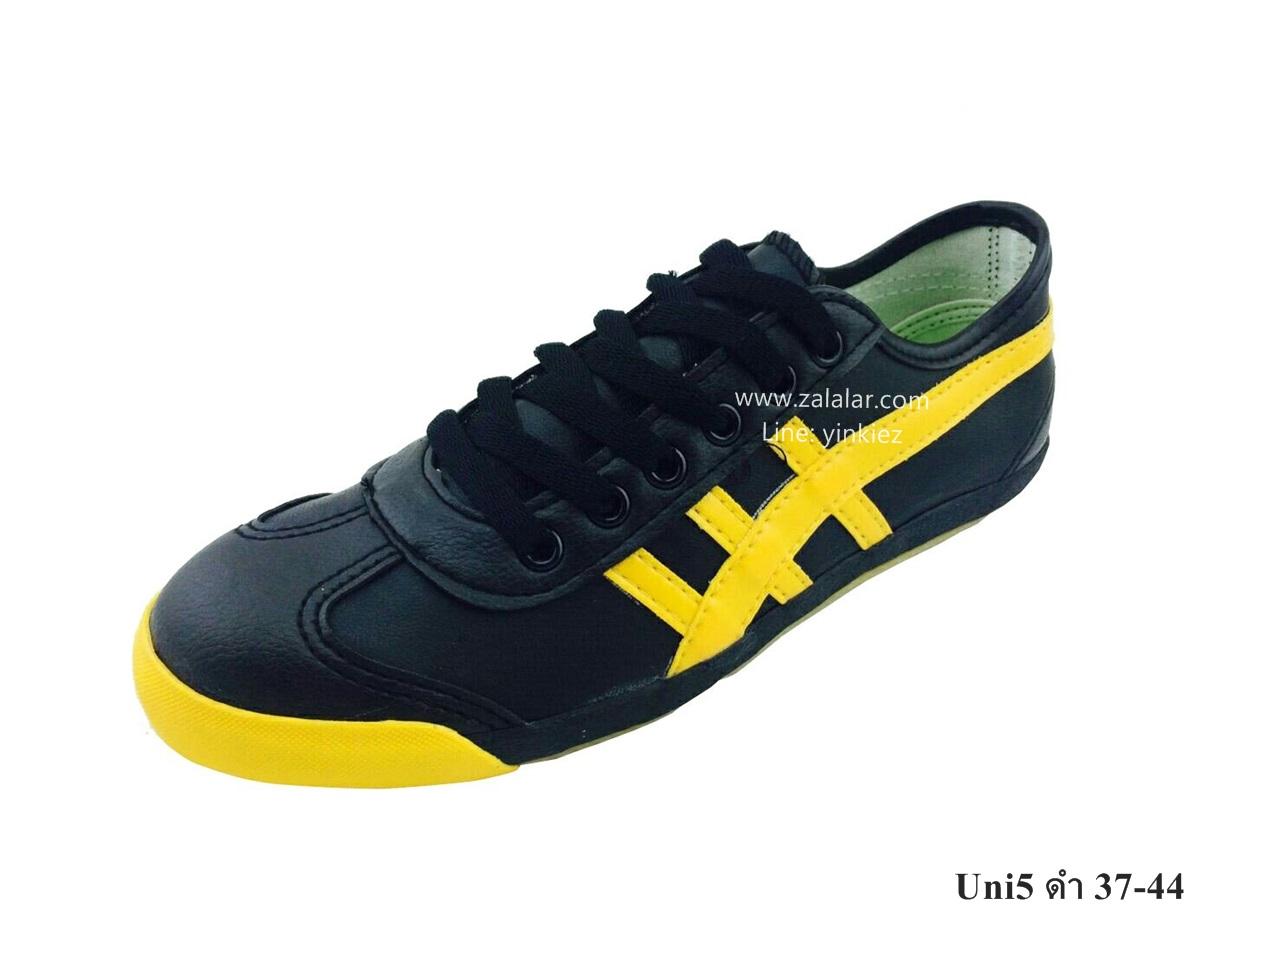 [พร้อมส่ง] รองเท้าผ้าใบแฟชั่น รุ่น Uni5 สีดำ แบบหนัง